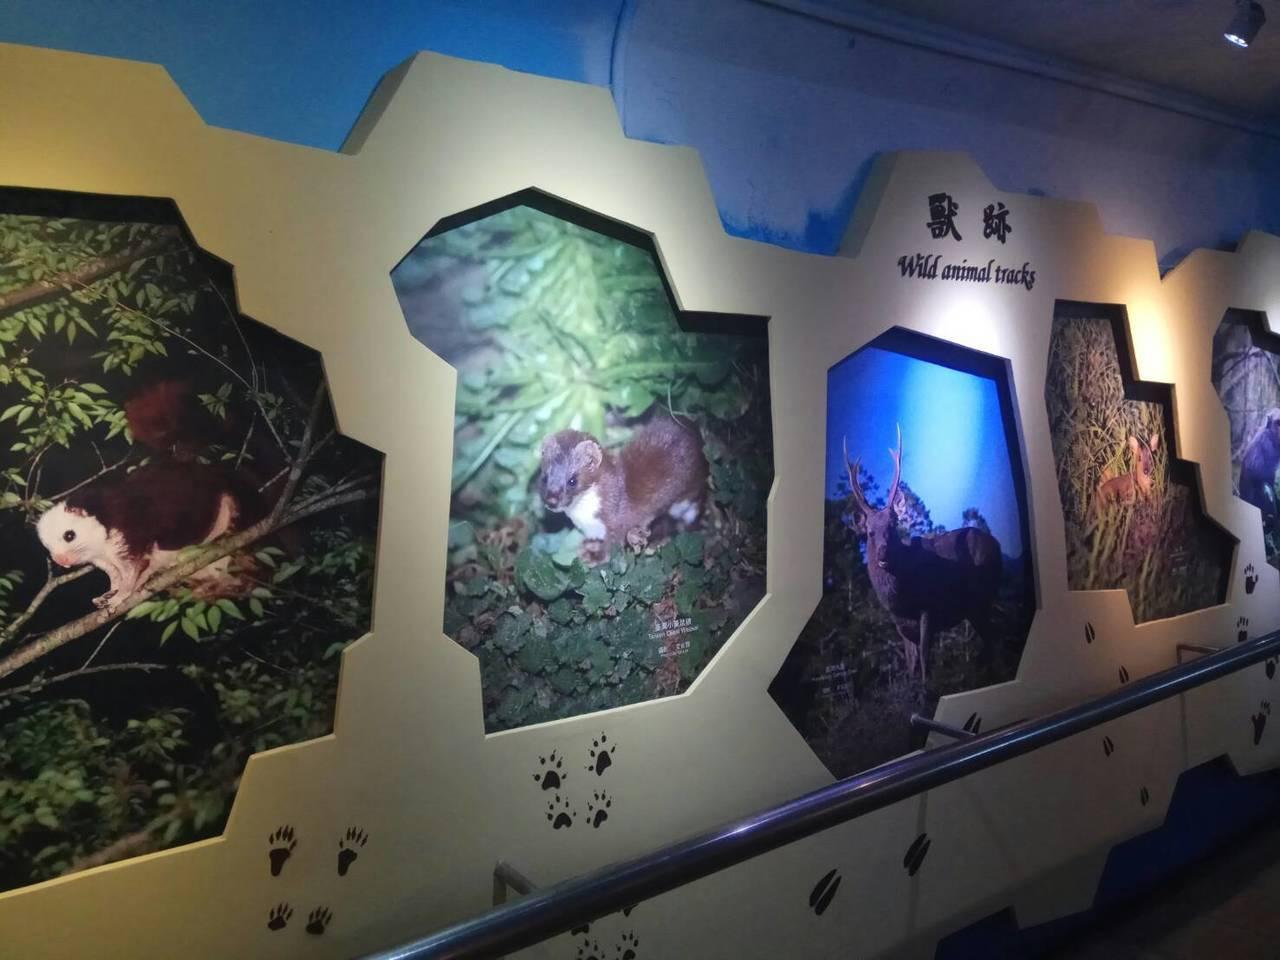 太魯閣國家公園從低海拔到高海拔有各種不同的生態系及物種,遊客可以透過攝影圖片,一...